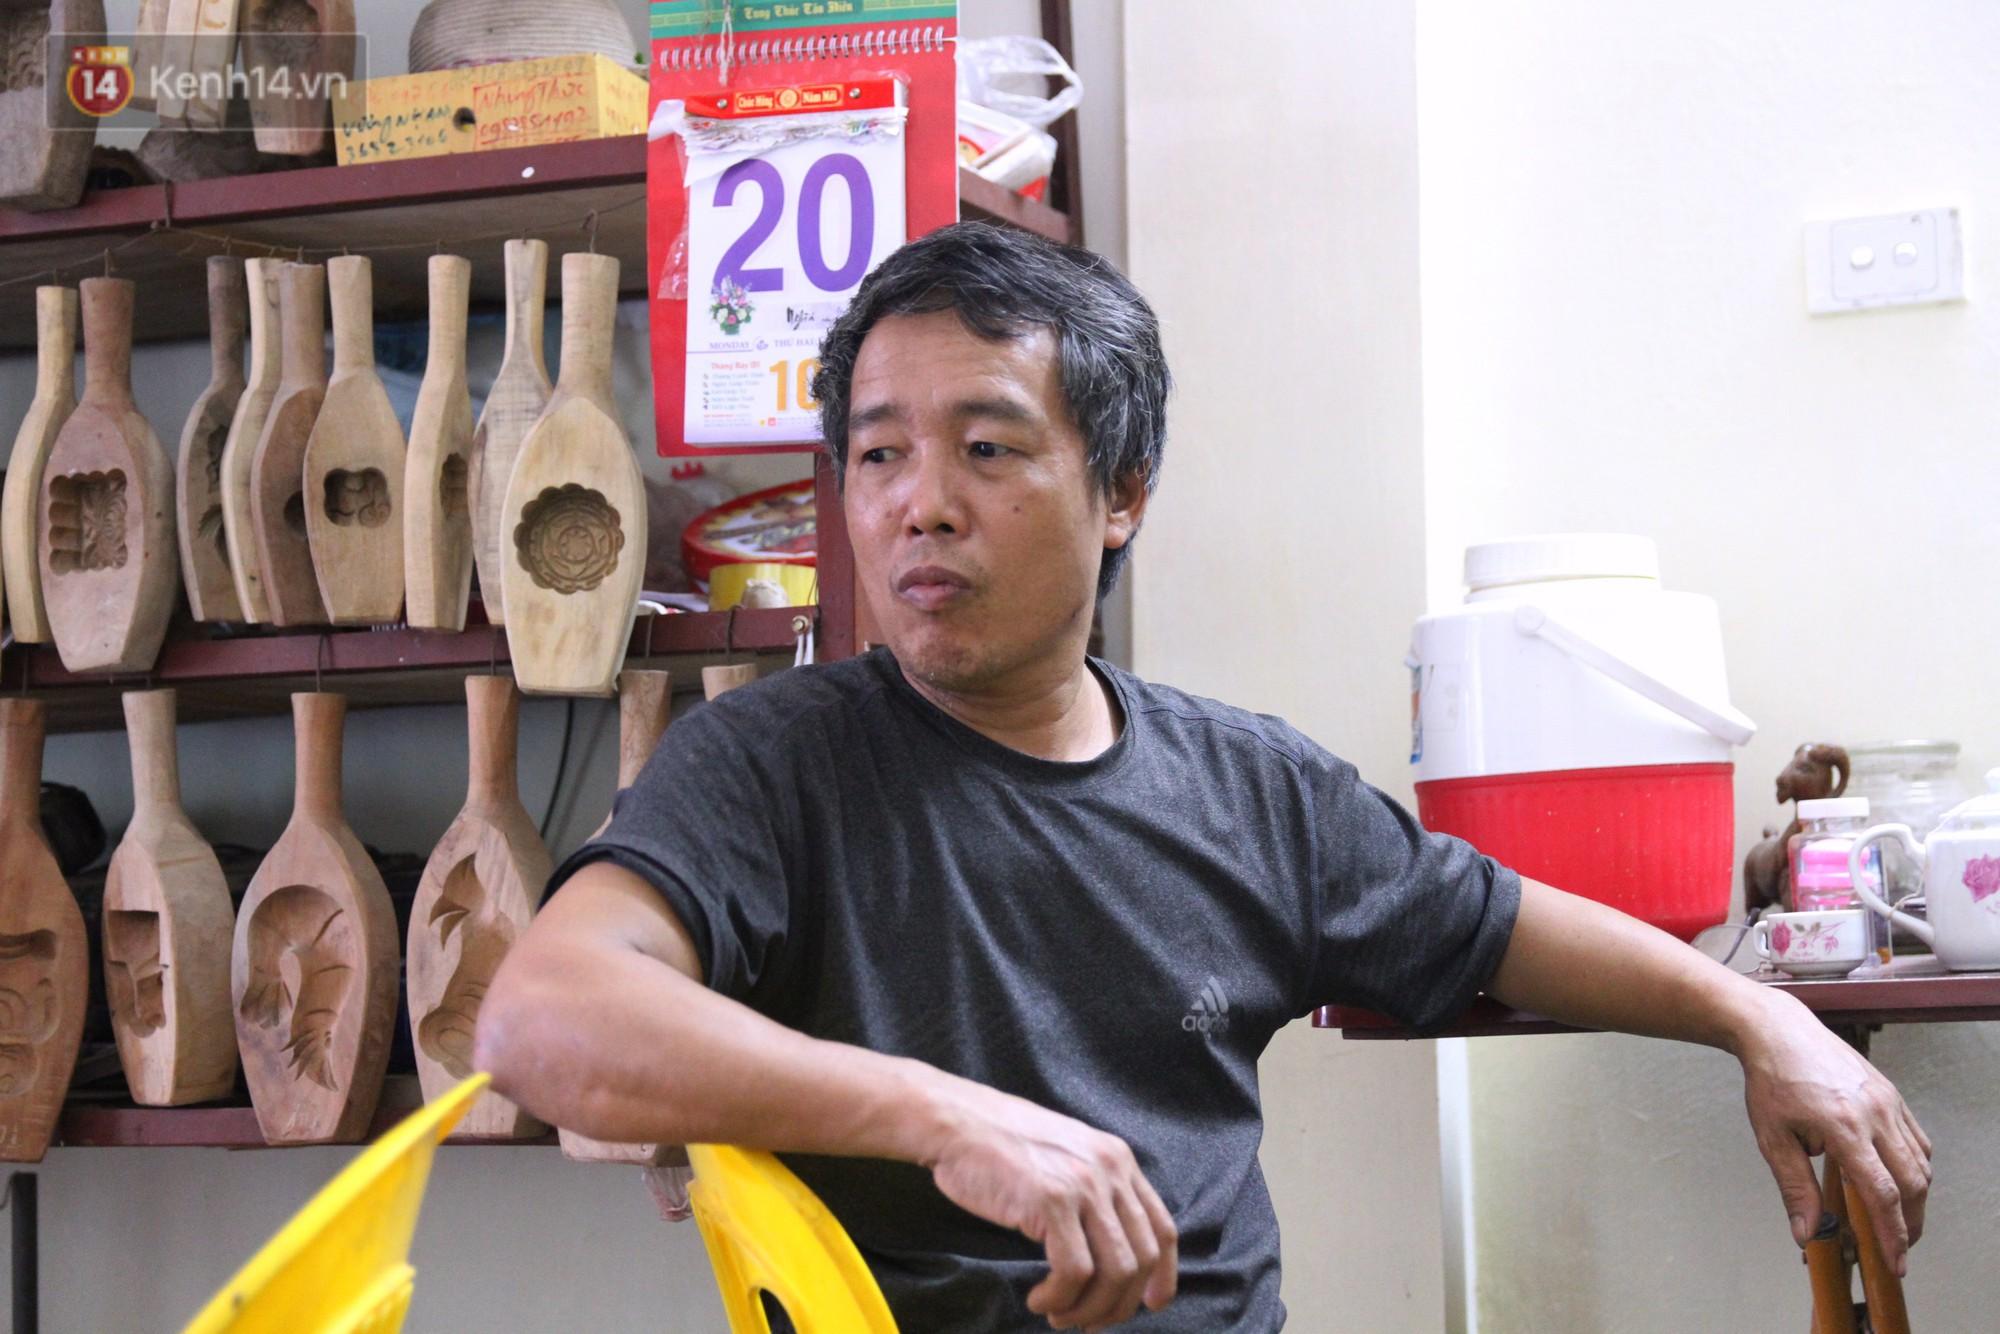 Ghé thăm người đàn ông 35 năm đẽo đục khuôn bánh Trung thu ở Hà Nội: Một khuôn gỗ đắt nhất giá 5 triệu - Ảnh 7.